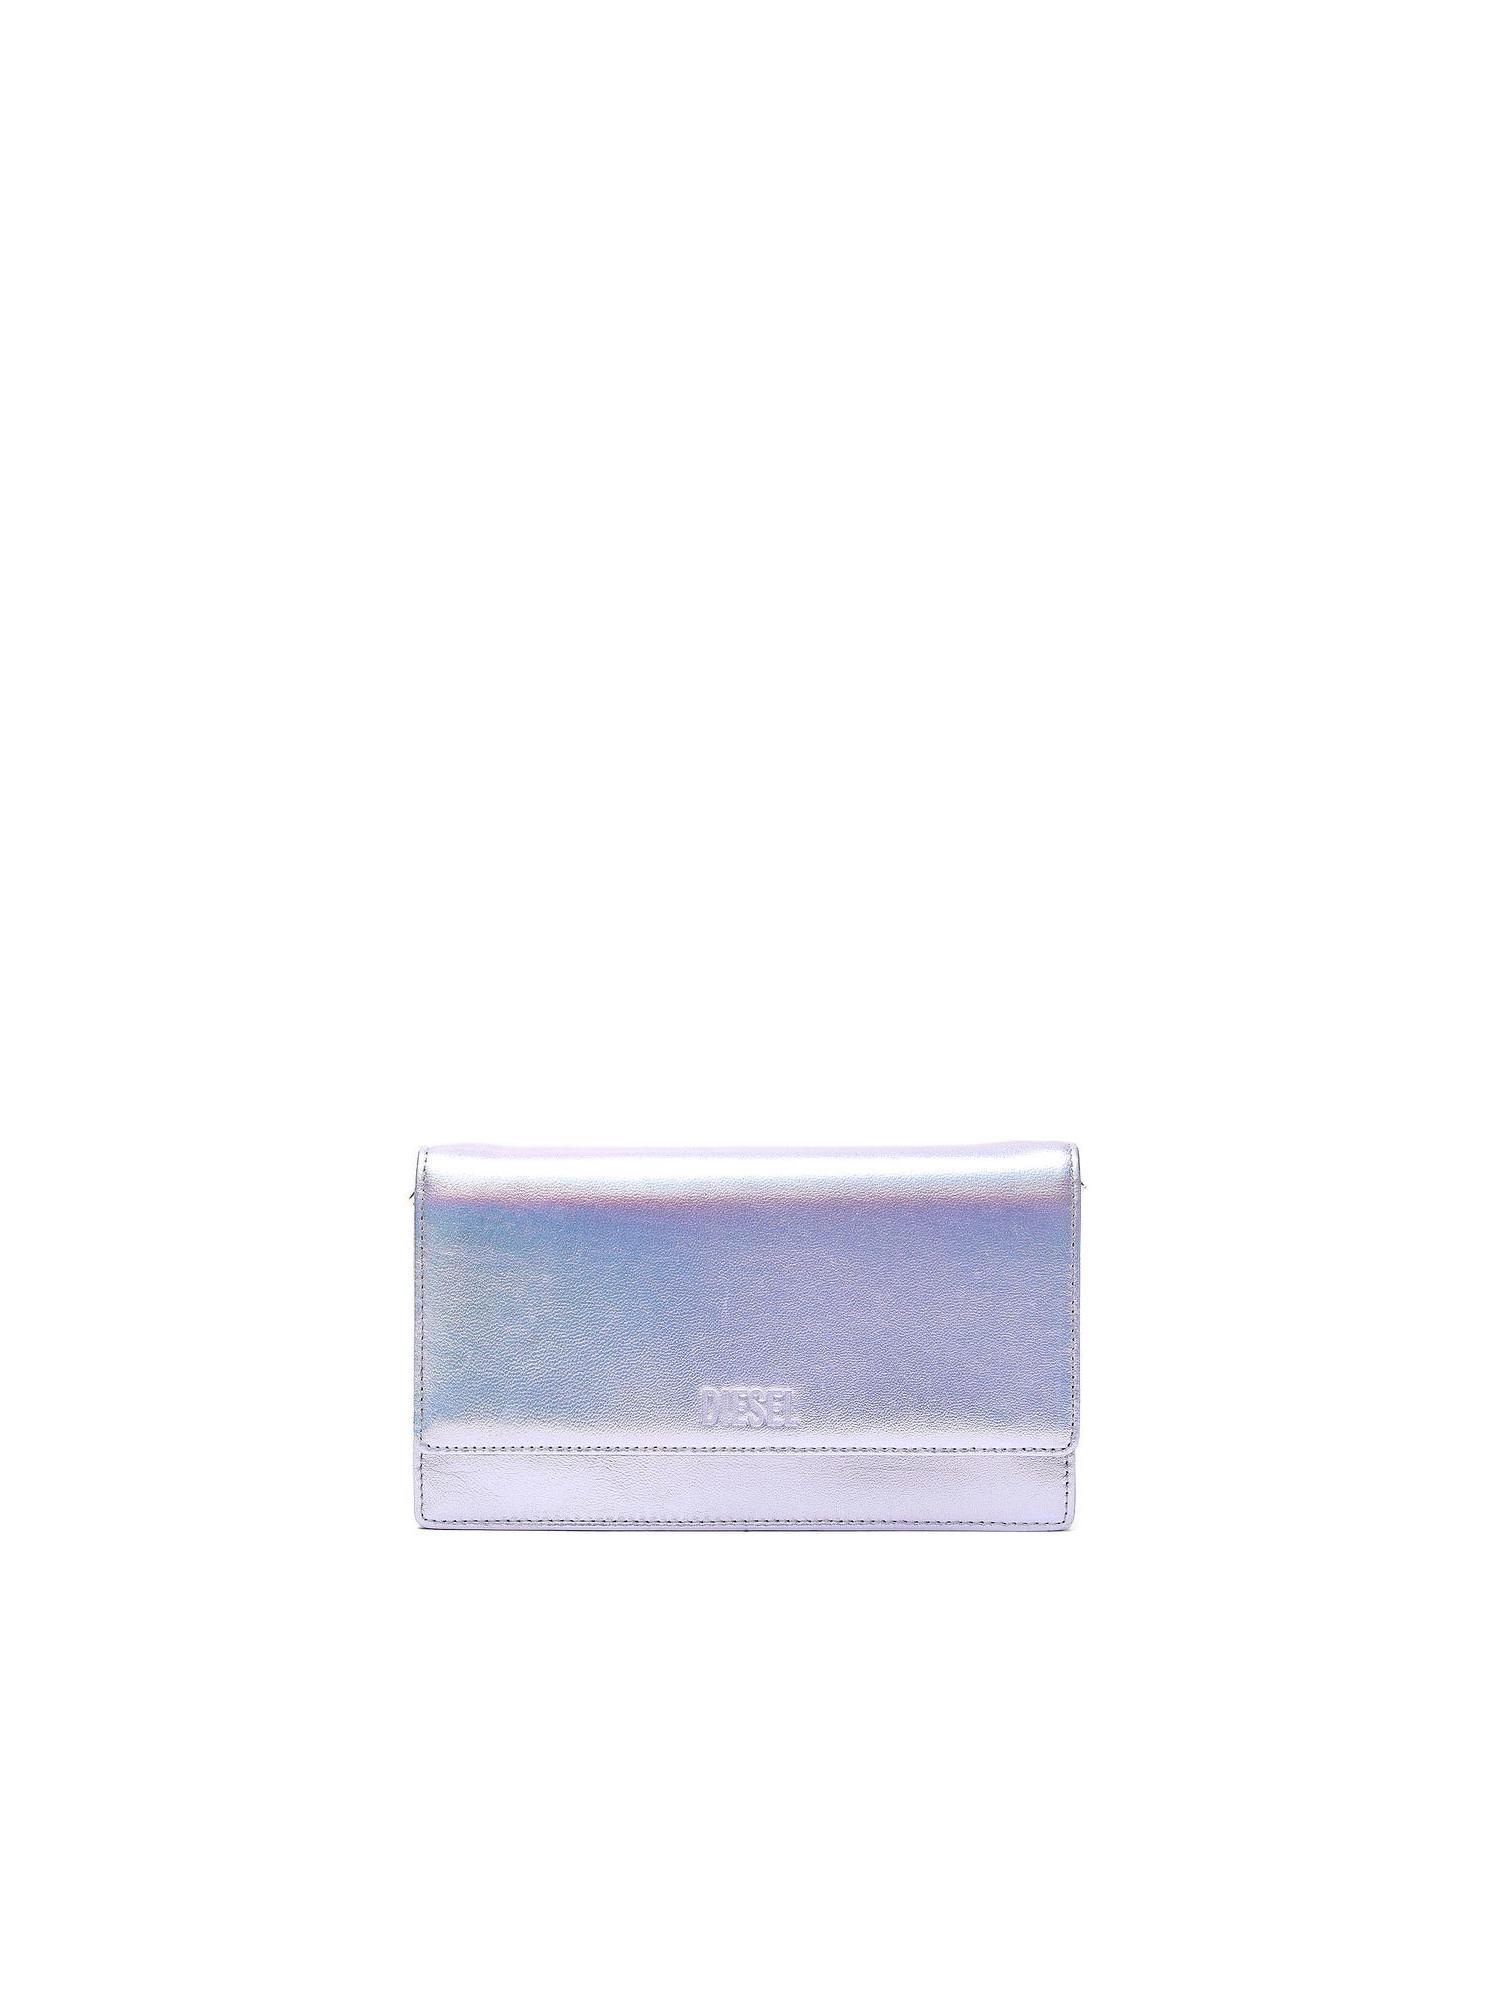 クリスマスプレゼントにおすすめなお財布はディーゼルのDIPSIEVOLUTION IIです